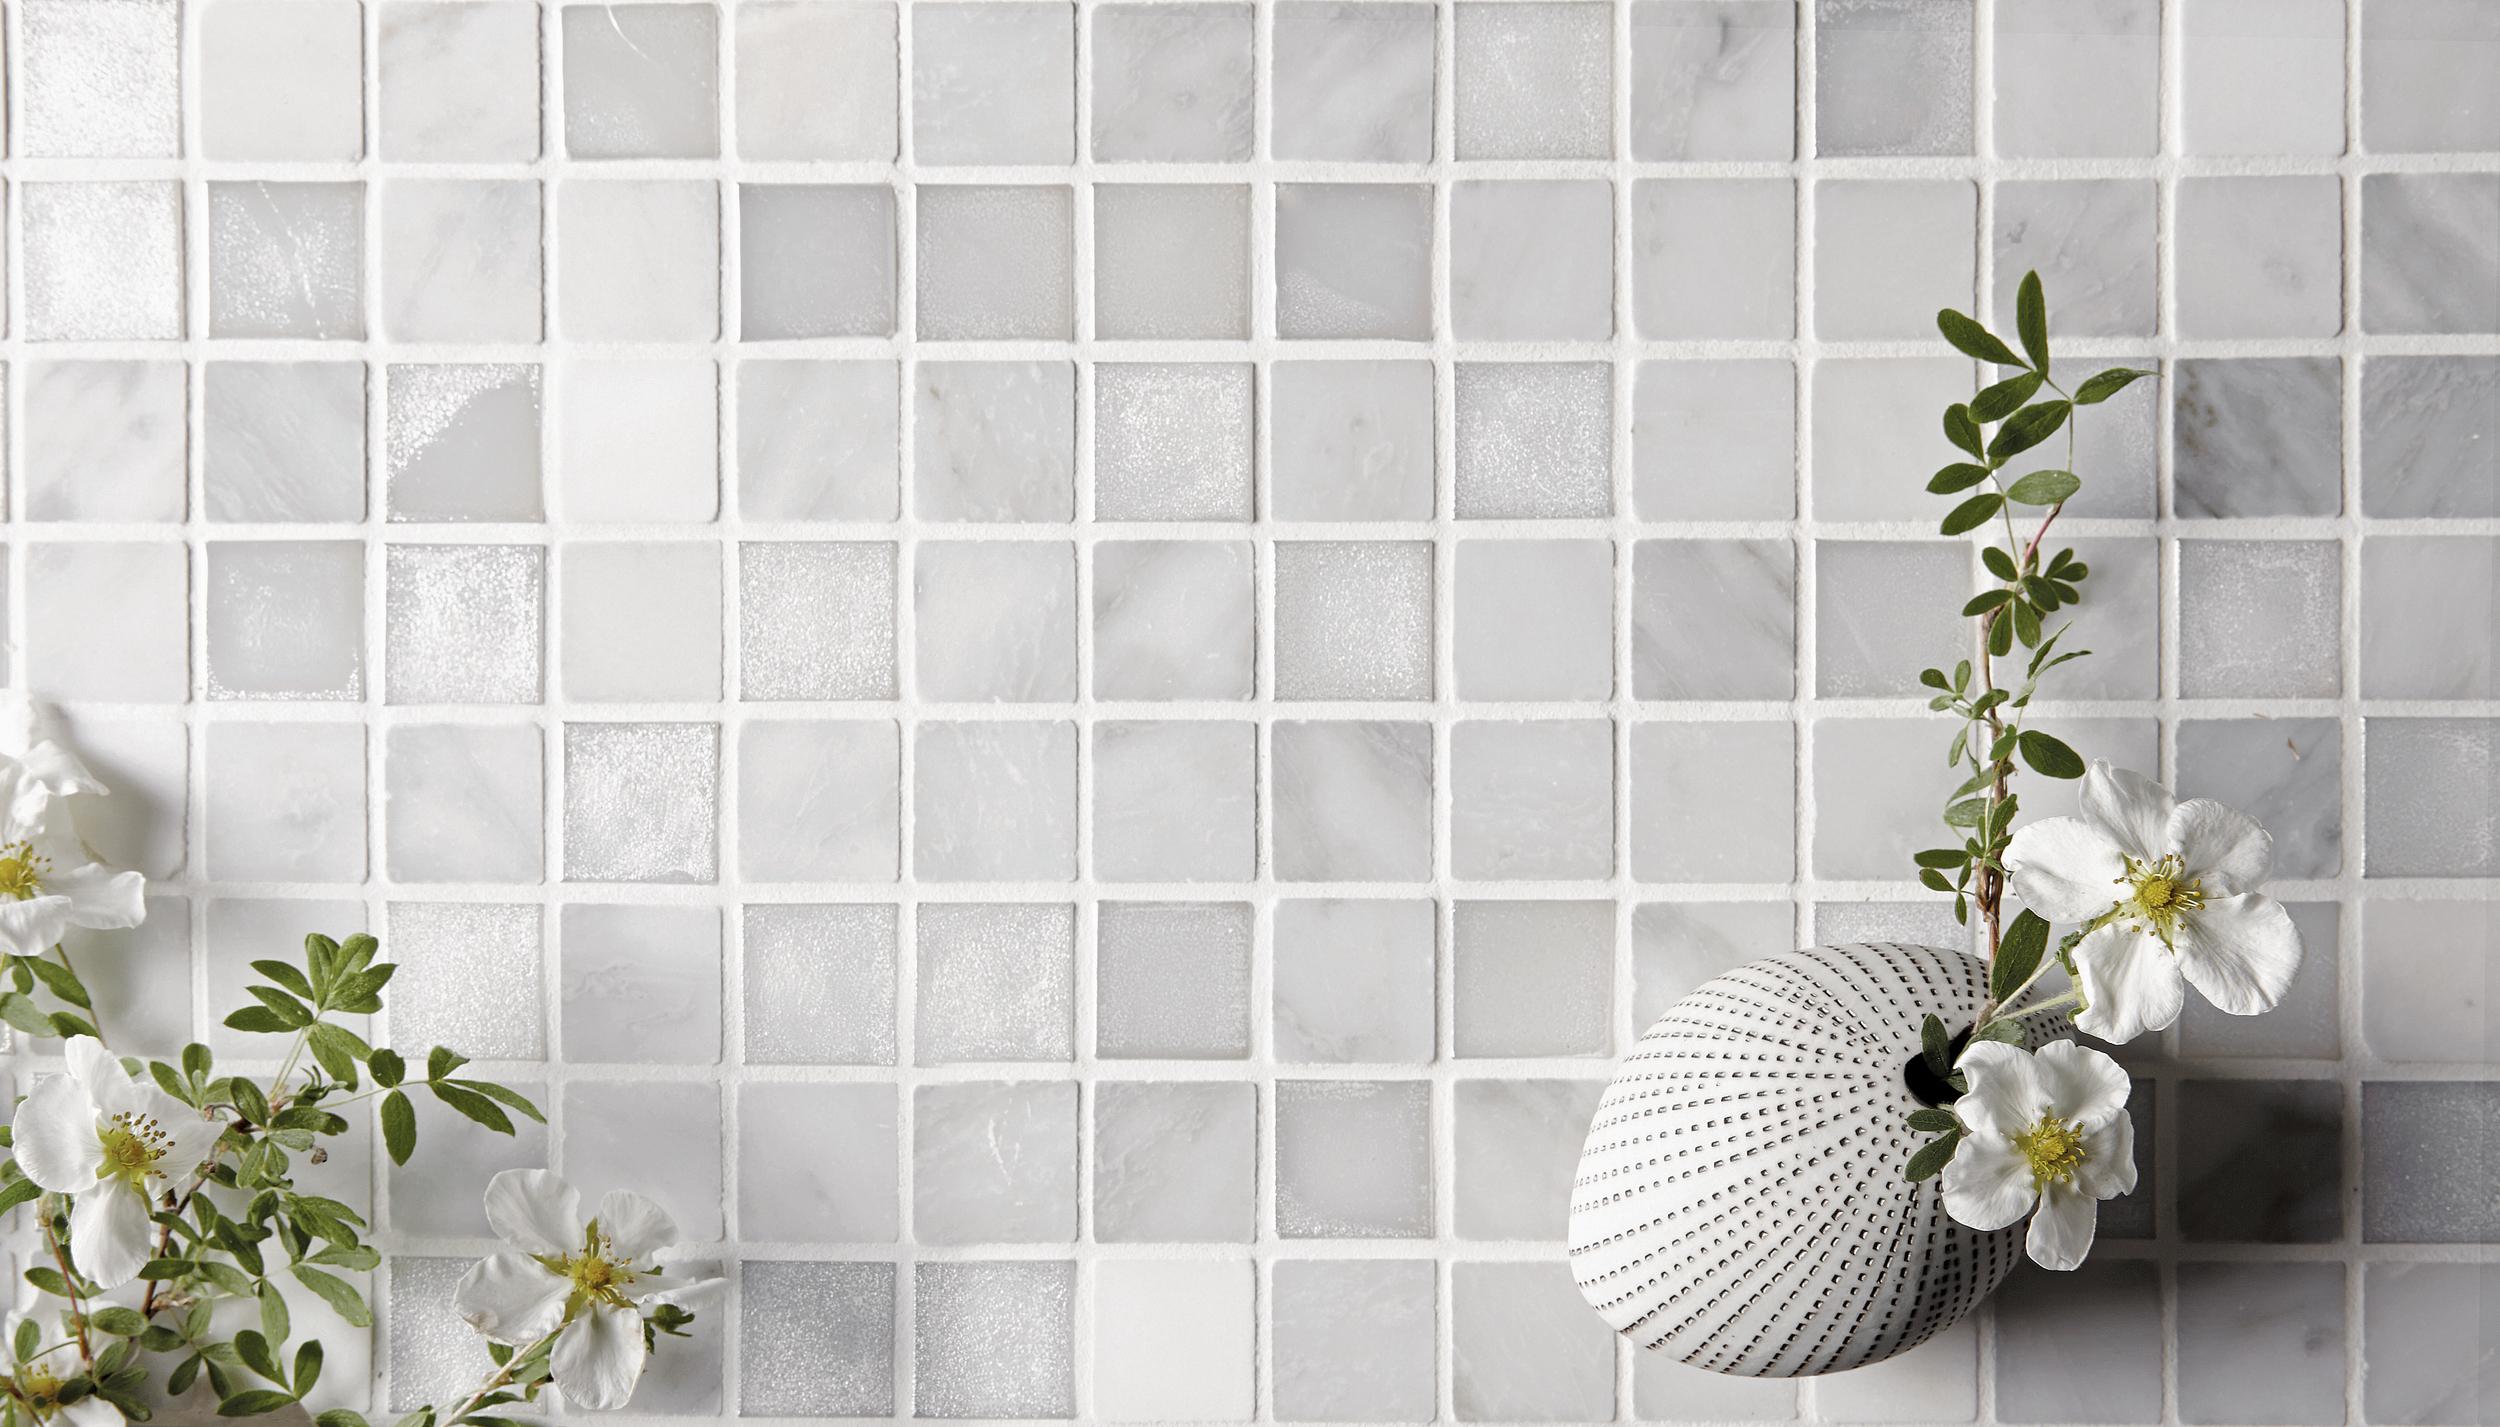 D1201 Mosaic Sweden